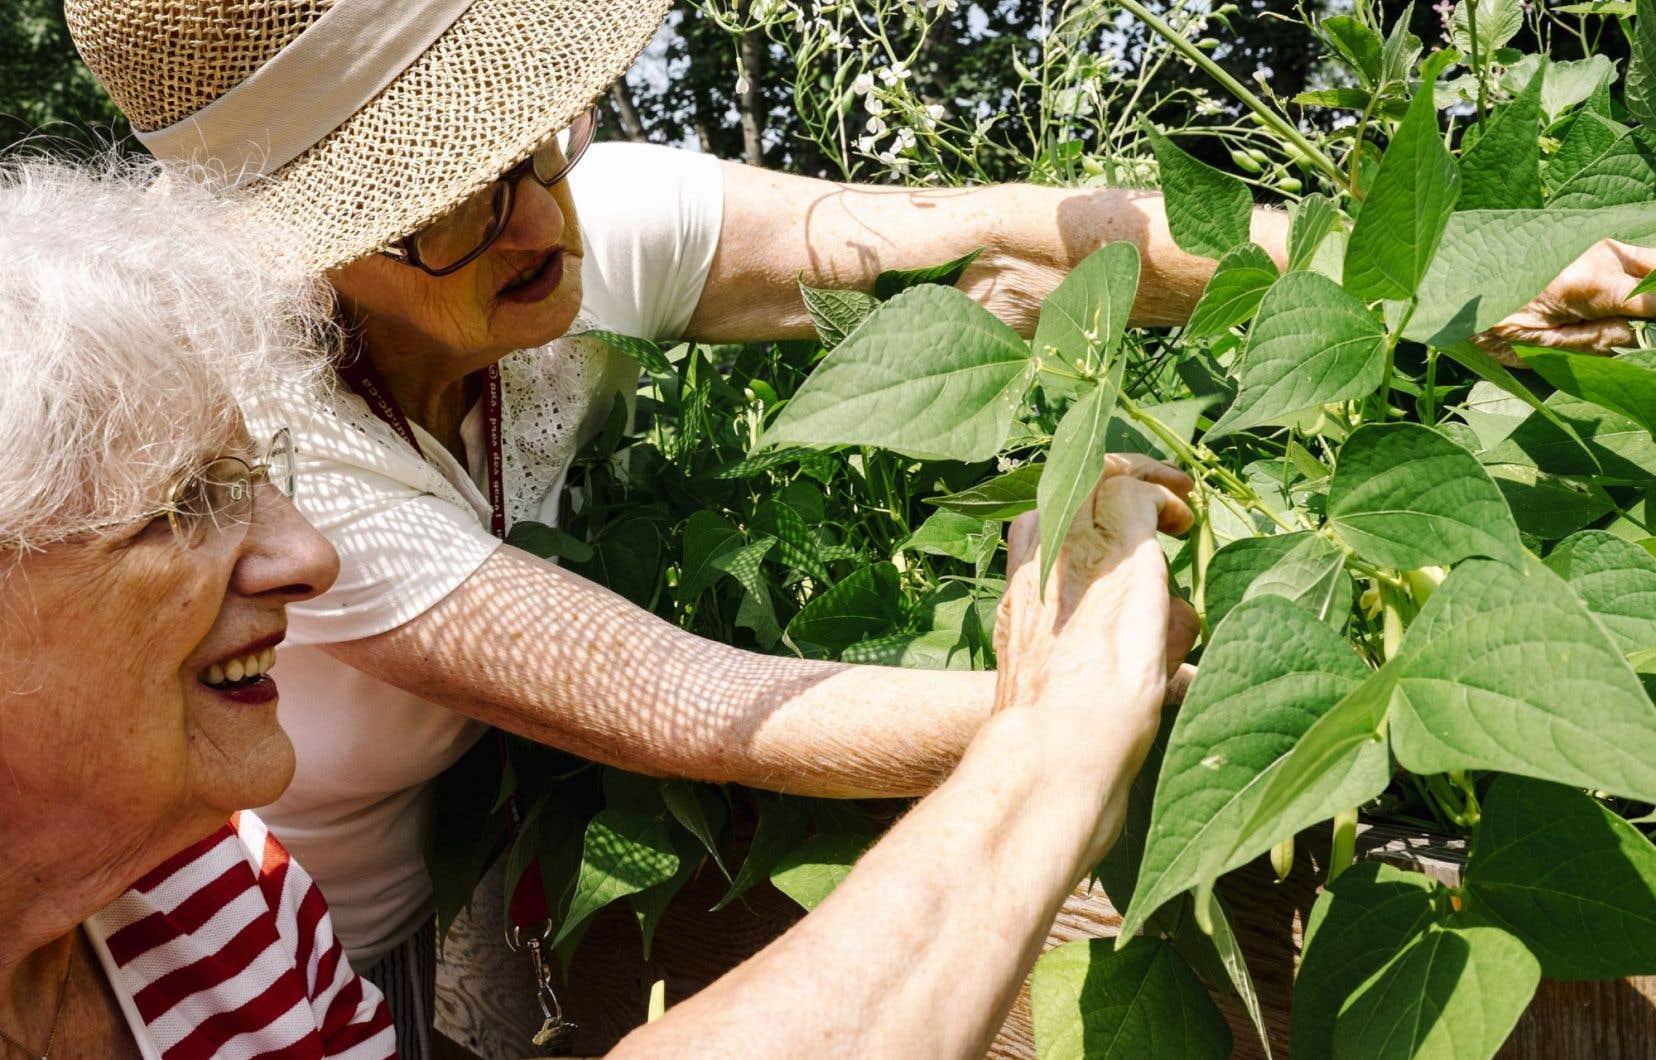 Selon une étude de 2010, les jardins communautaires seraient excellents pour lutter contre l'exclusion et encourager les contacts entre des personnes issues de milieux différents.